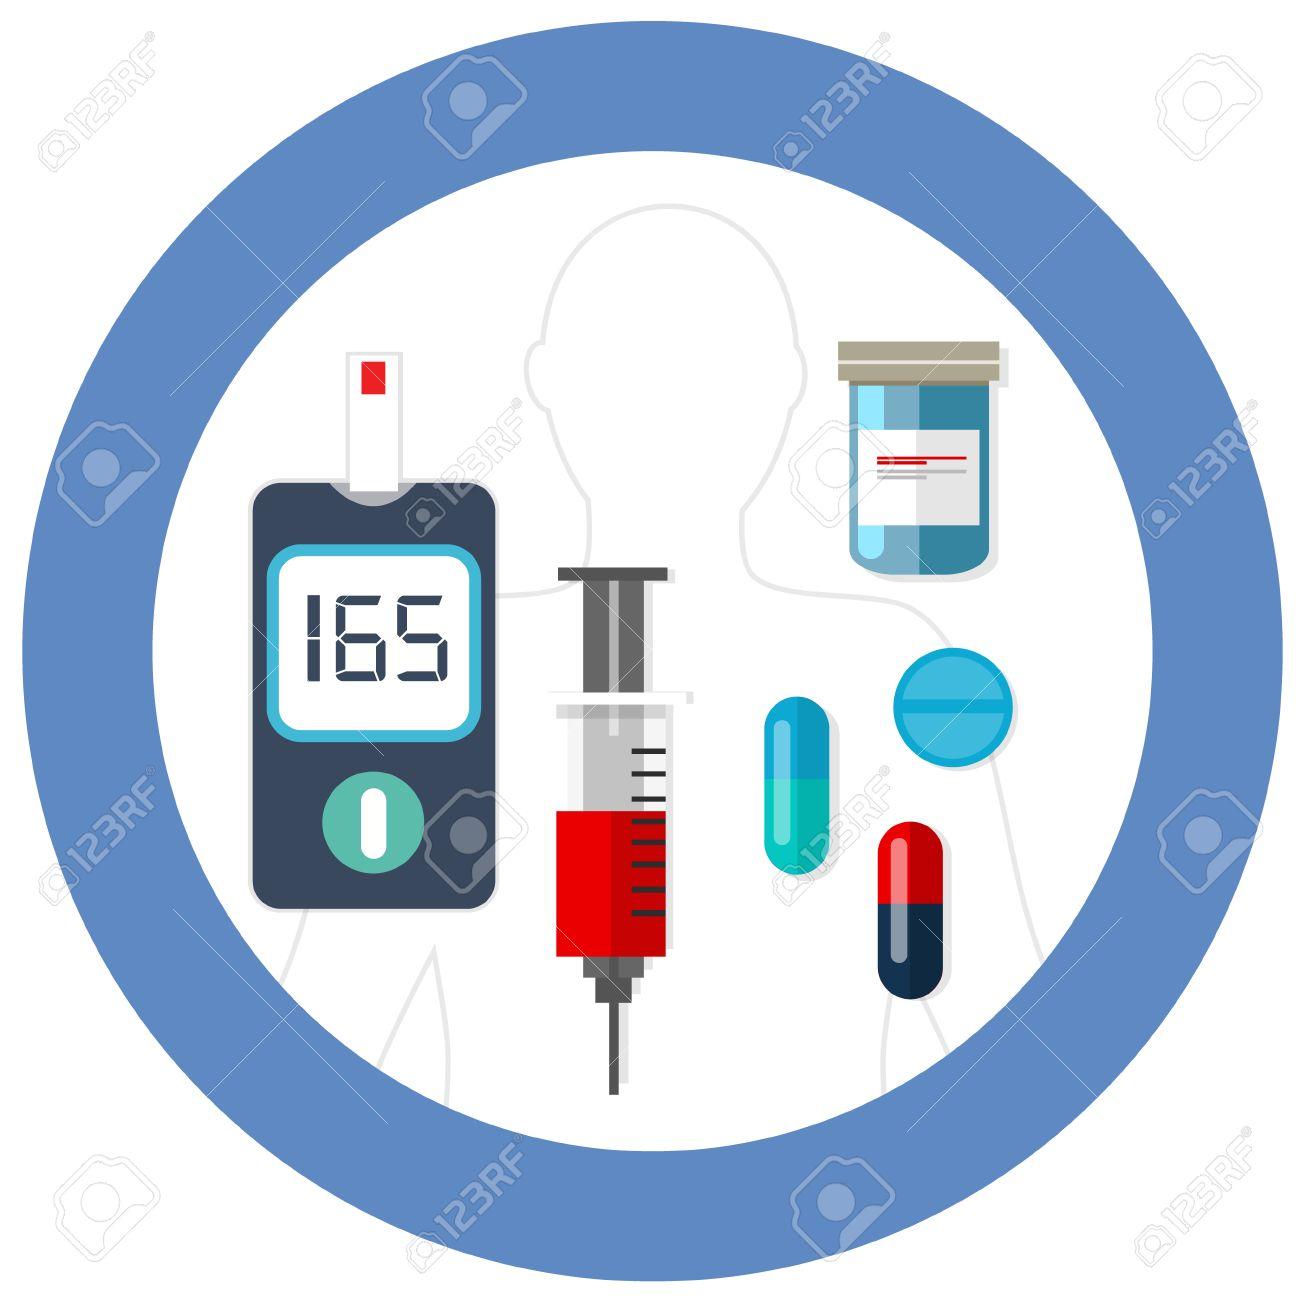 Día Mundial De La Diabetes Símbolo Círculo Azul Con El Dibujo Prueba De  Glucosa En La Sangre Del Vector Del Icono De Insulina Asistencia Sanitaria  Farmacia De Medicamentos Ilustraciones Vectoriales, Clip Art